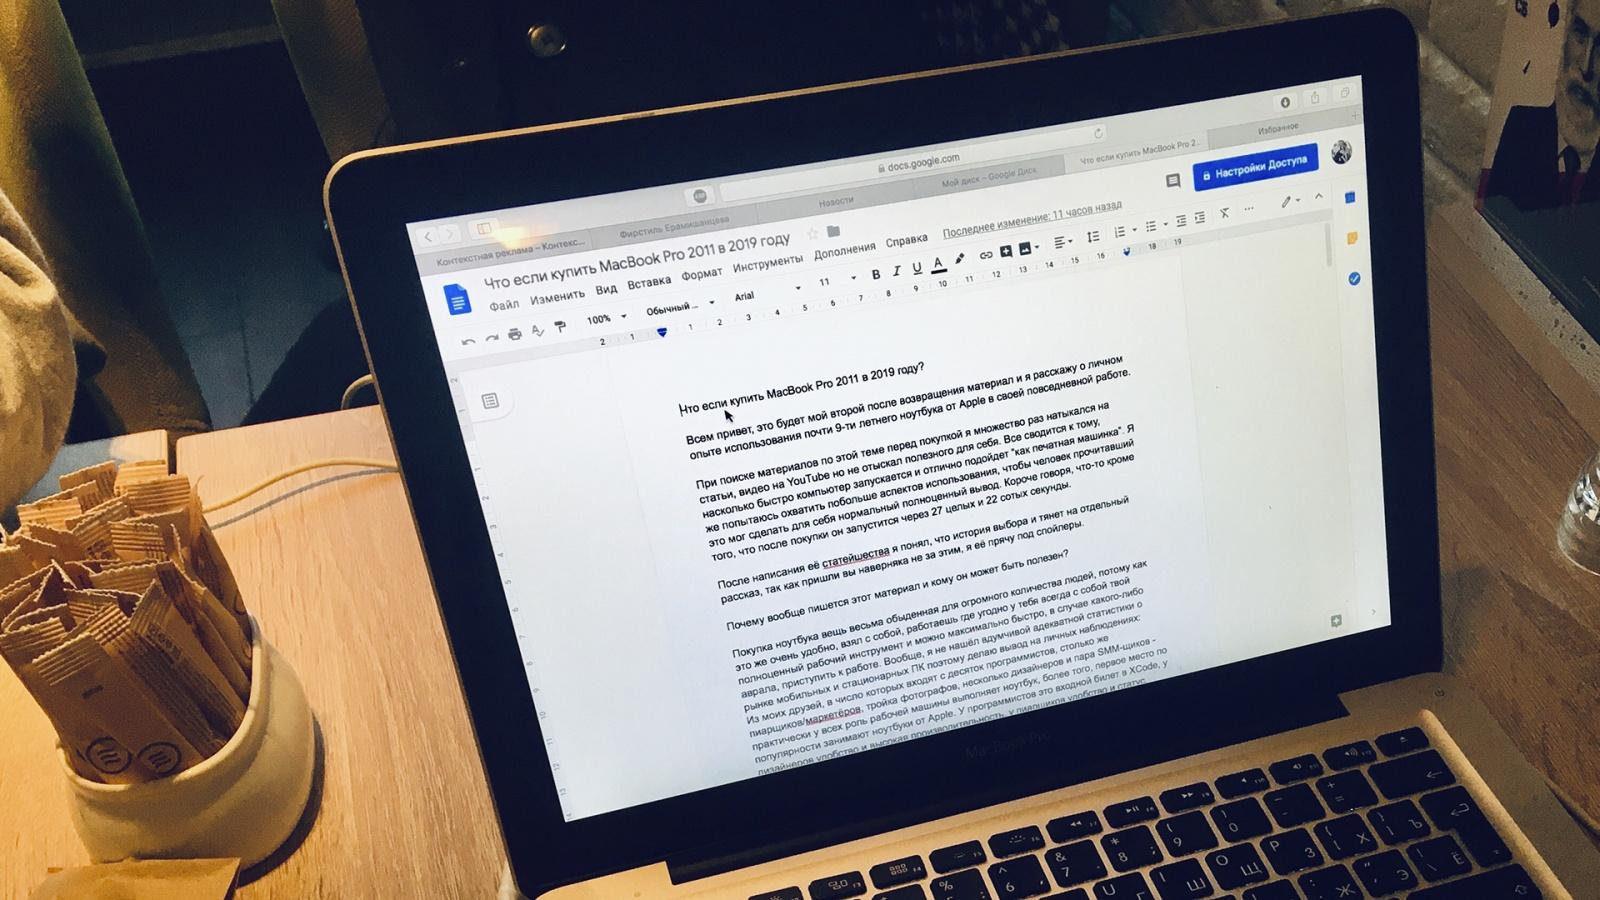 Что если купить MacBook Pro 2011 в 2019 году? - 1